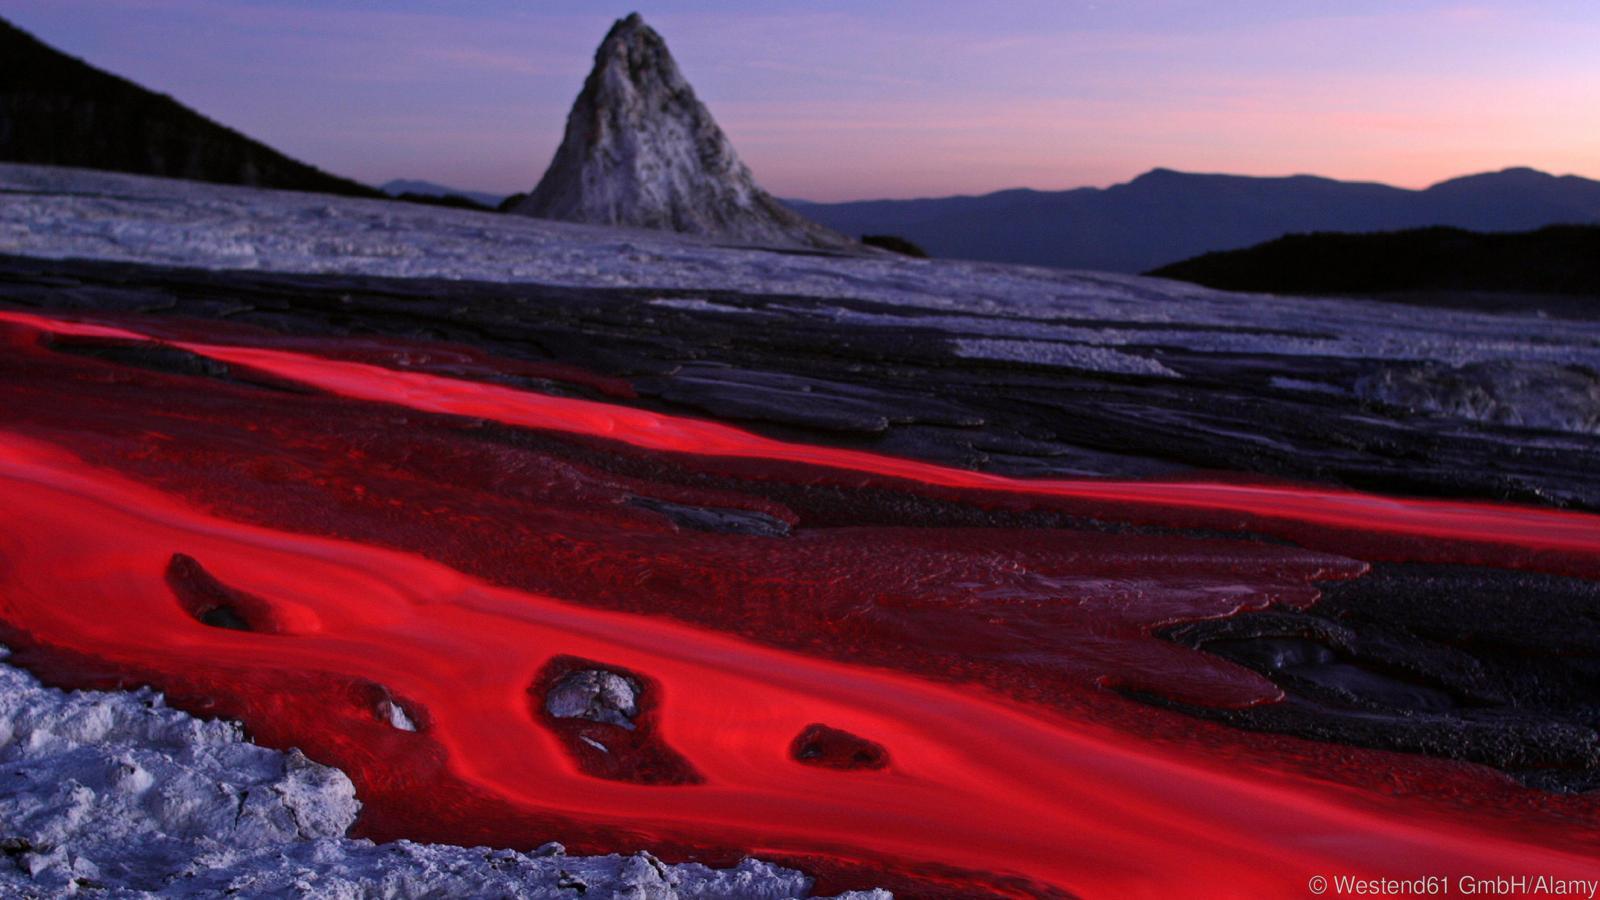 Tanzania, Ol Doinyo Lengai - soda lava flow at dusk